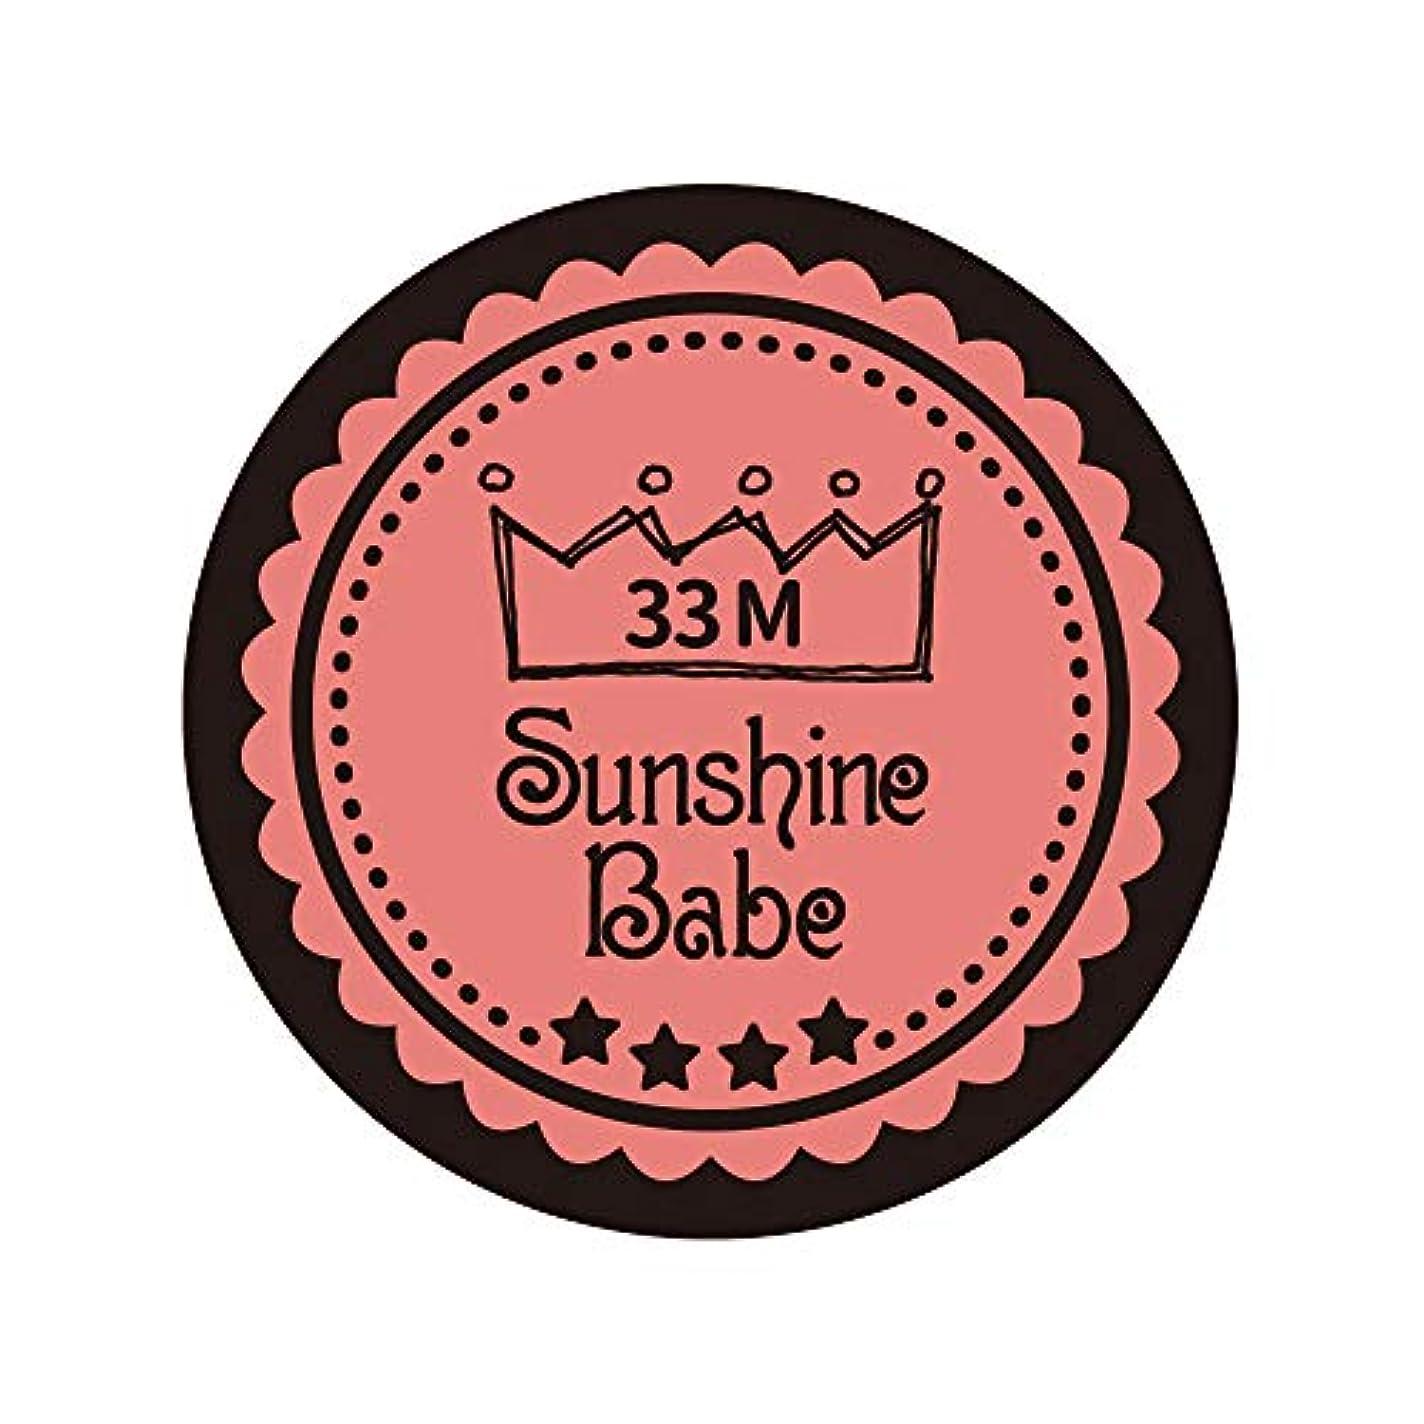 ペダル鉱石腐ったSunshine Babe カラージェル 33M ベイクドコーラルピンク 4g UV/LED対応